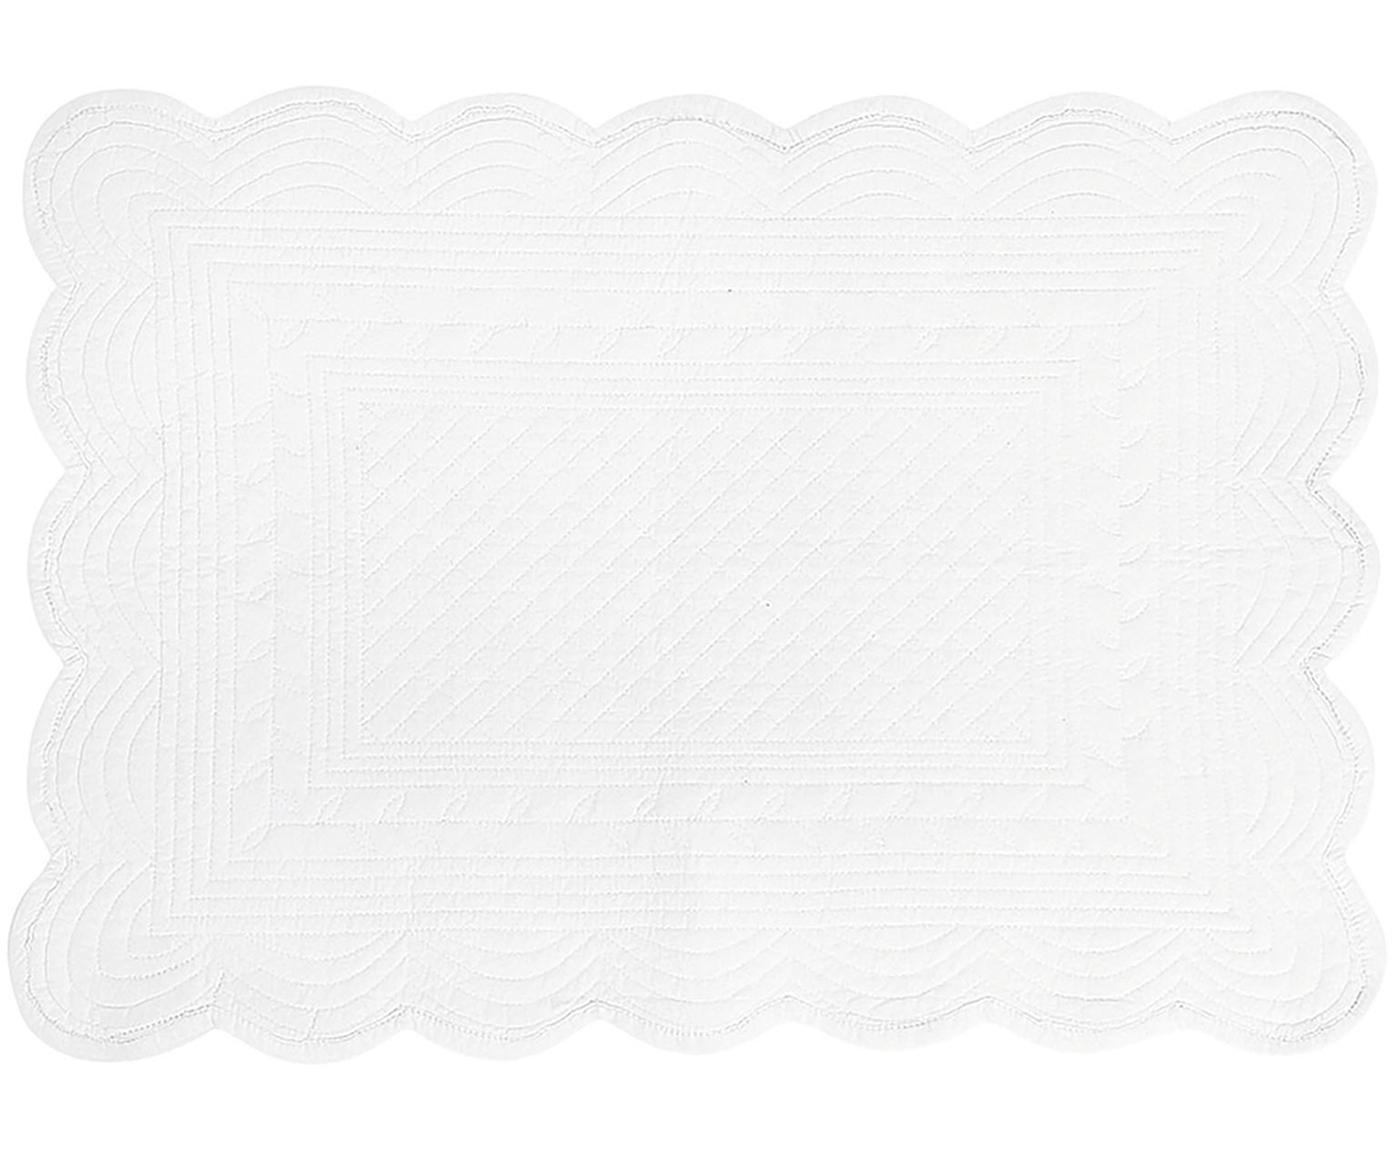 Tischsets Boutis, 6 Stück, Baumwolle, Weiß, 34 x 48 cm